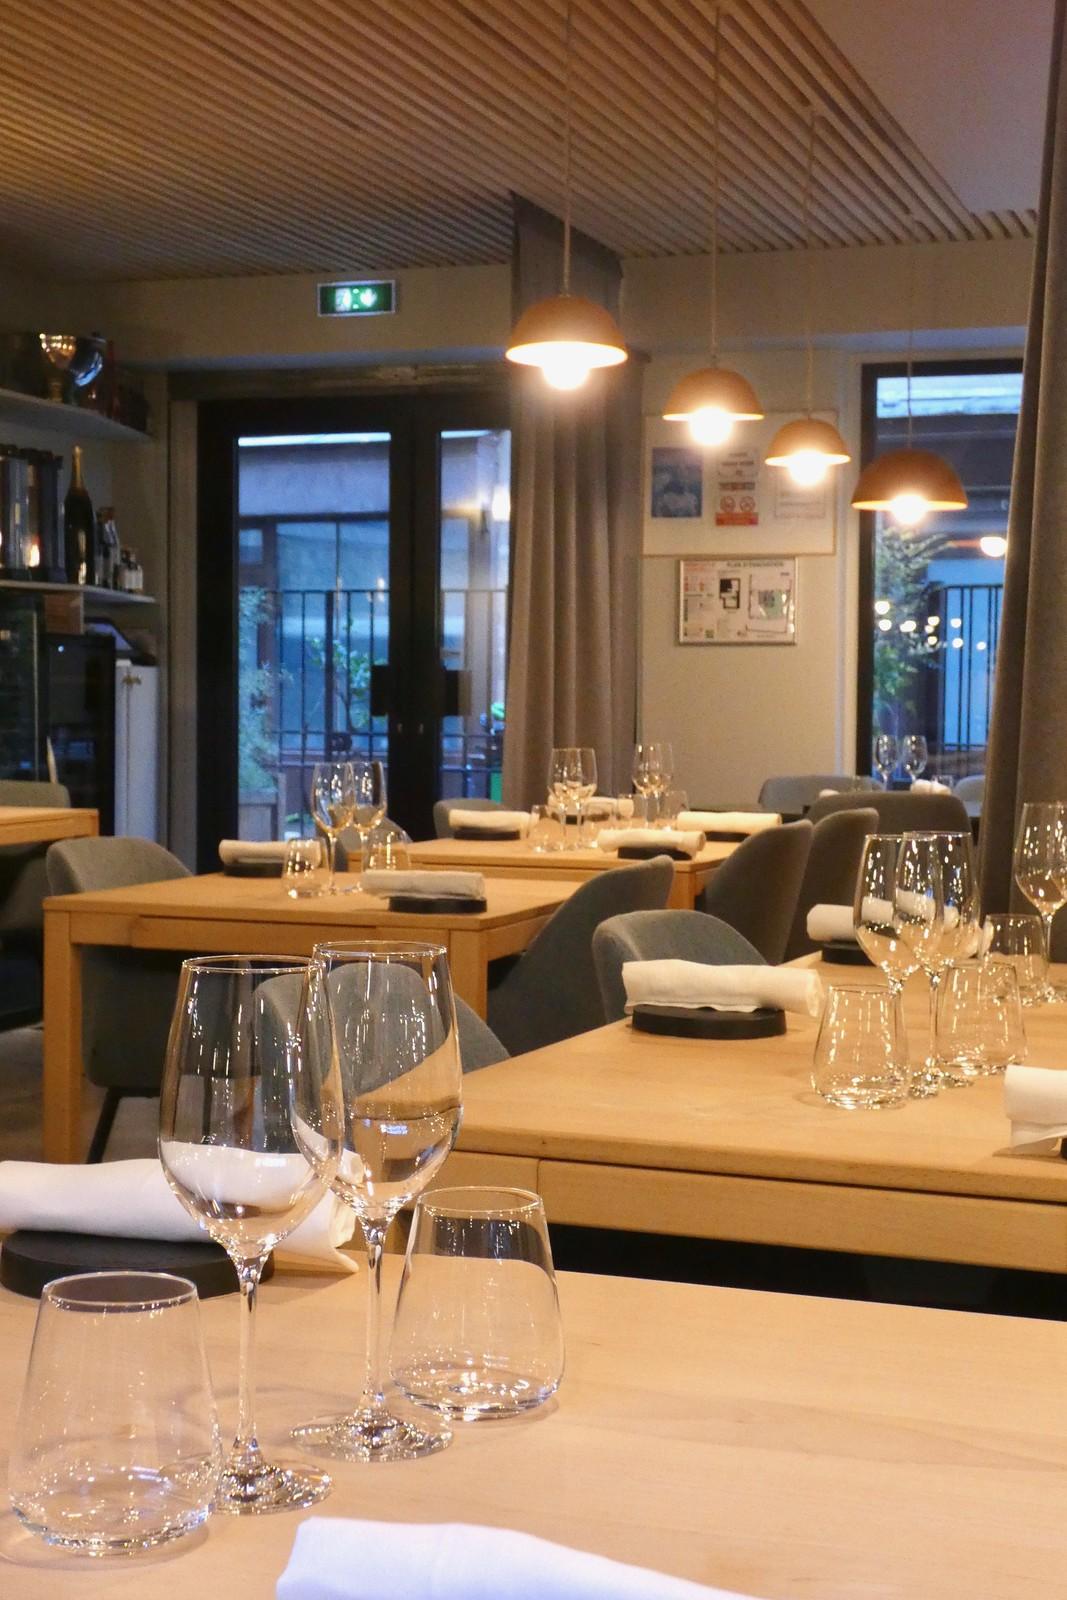 Restaurant La Table de Colette, Paris